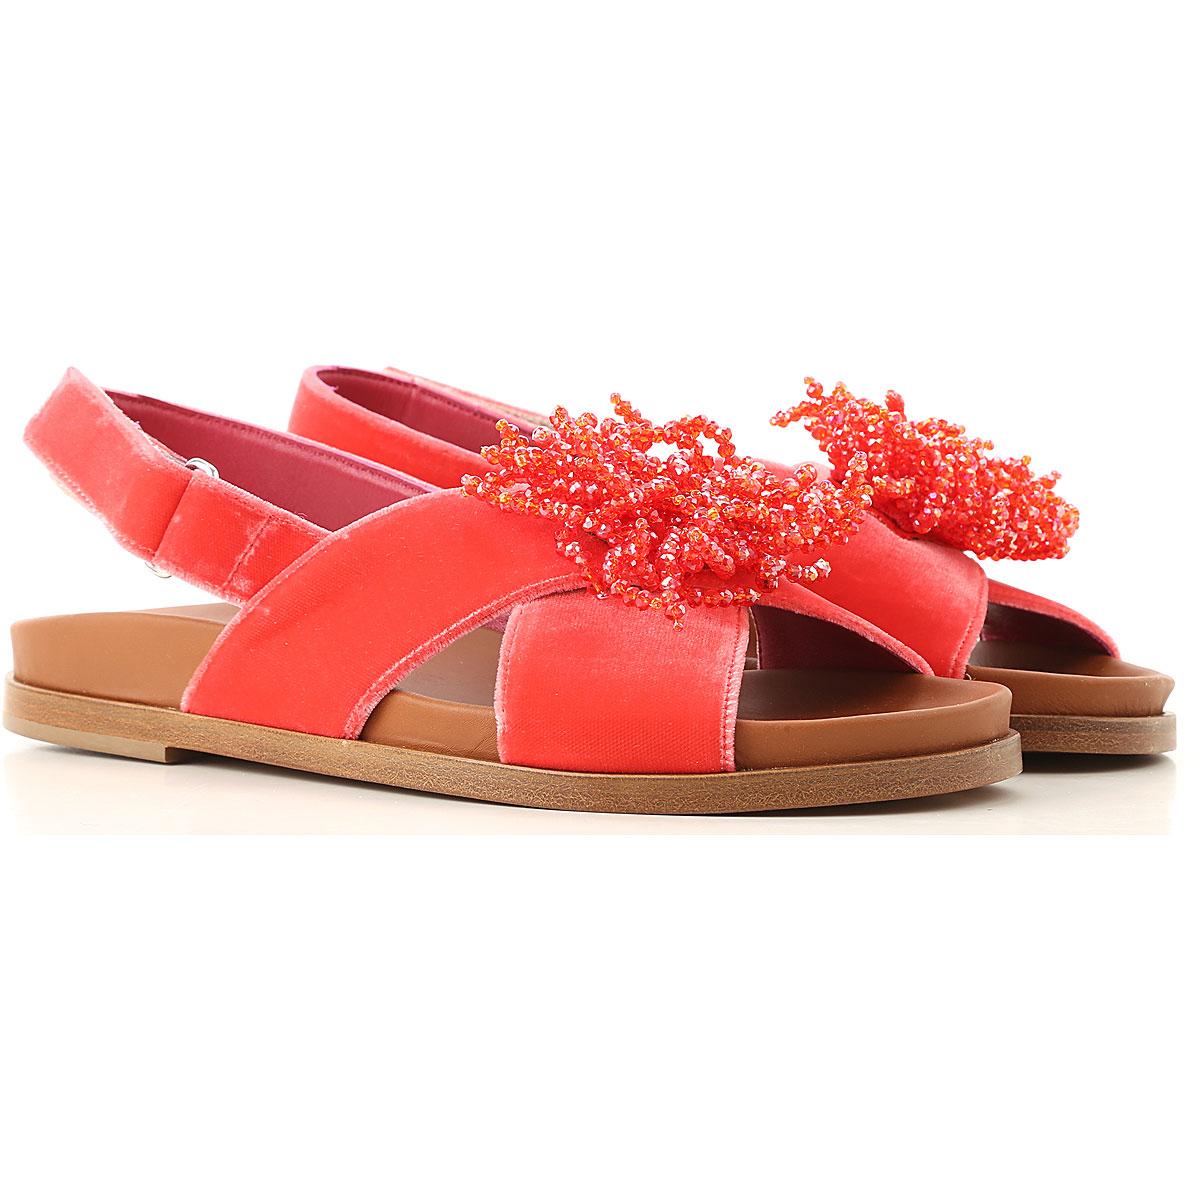 181 Sandale Femme Pas cher en Soldes, Rouge corail, Velours, 2017, 35 38 40